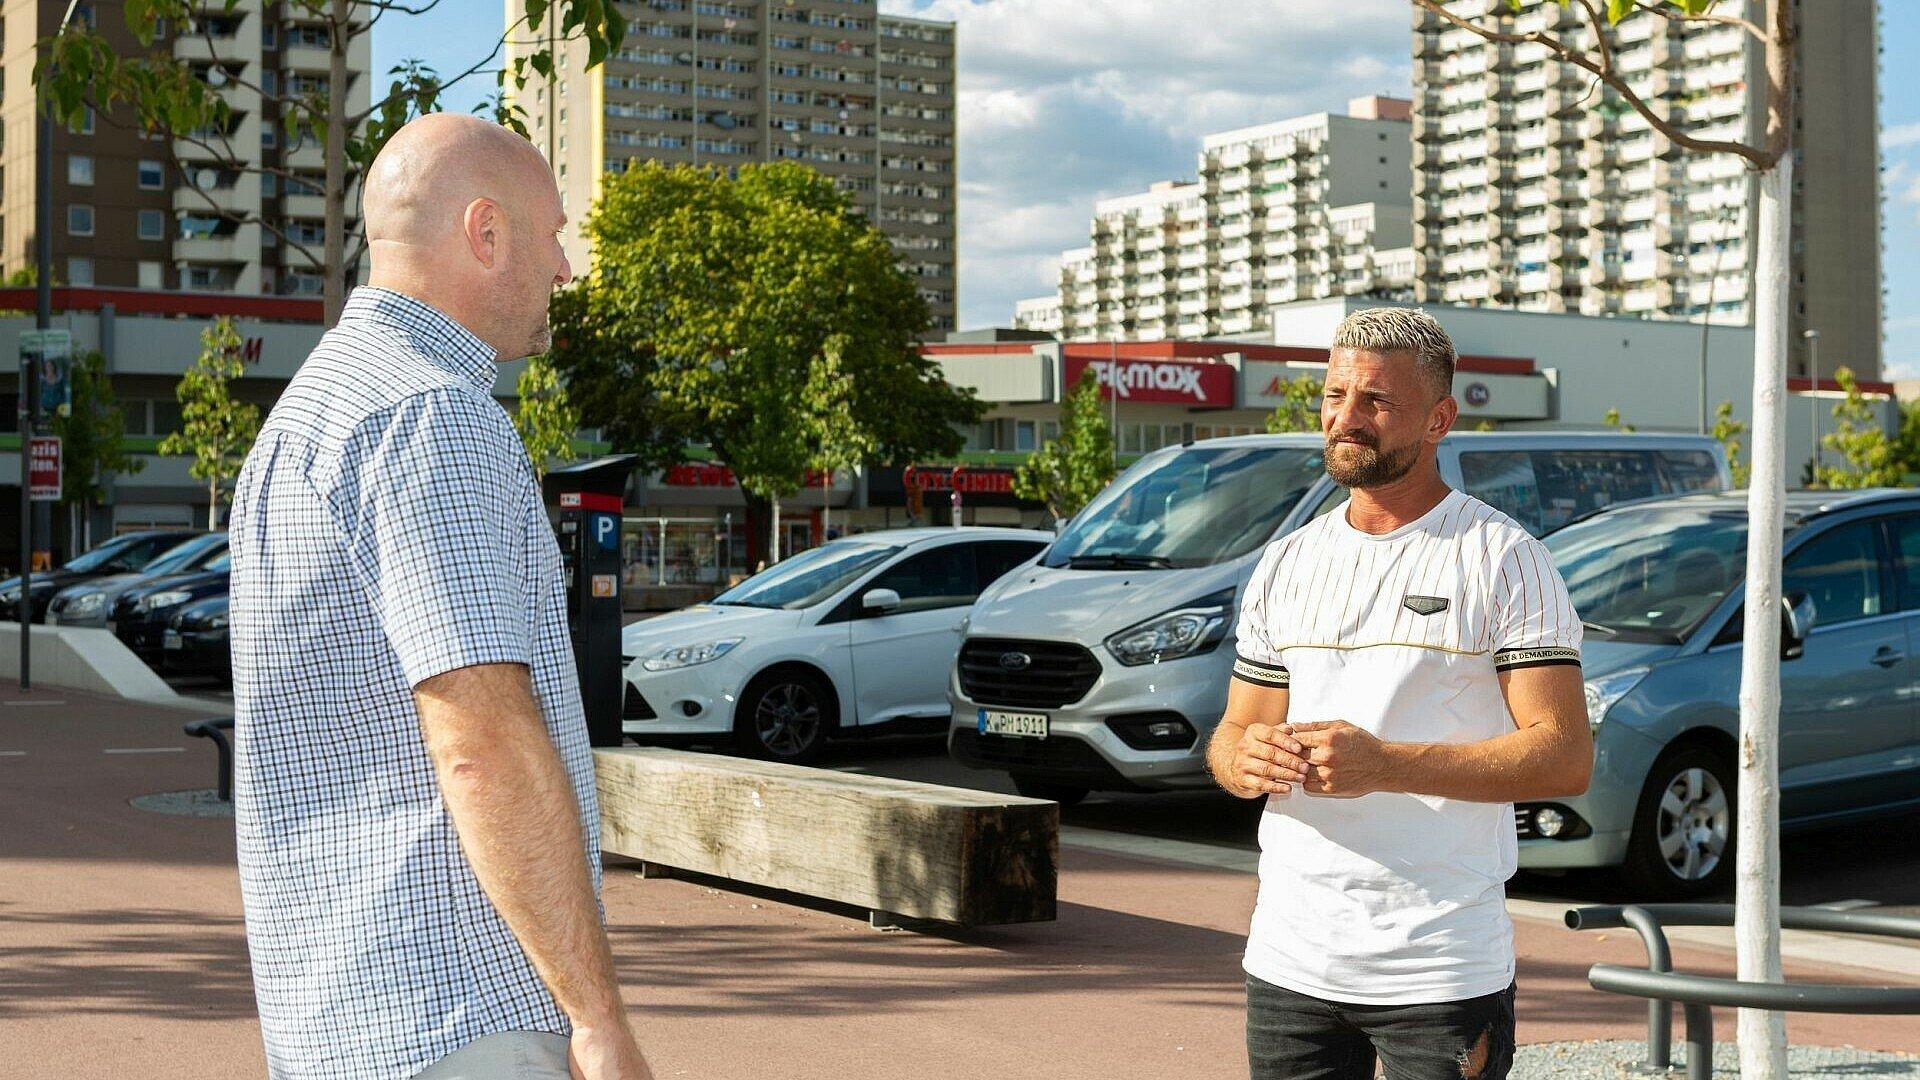 Roman Friedrich unterhält sich mit Eddy auf dem Liverpooler Platz in Chorweiler